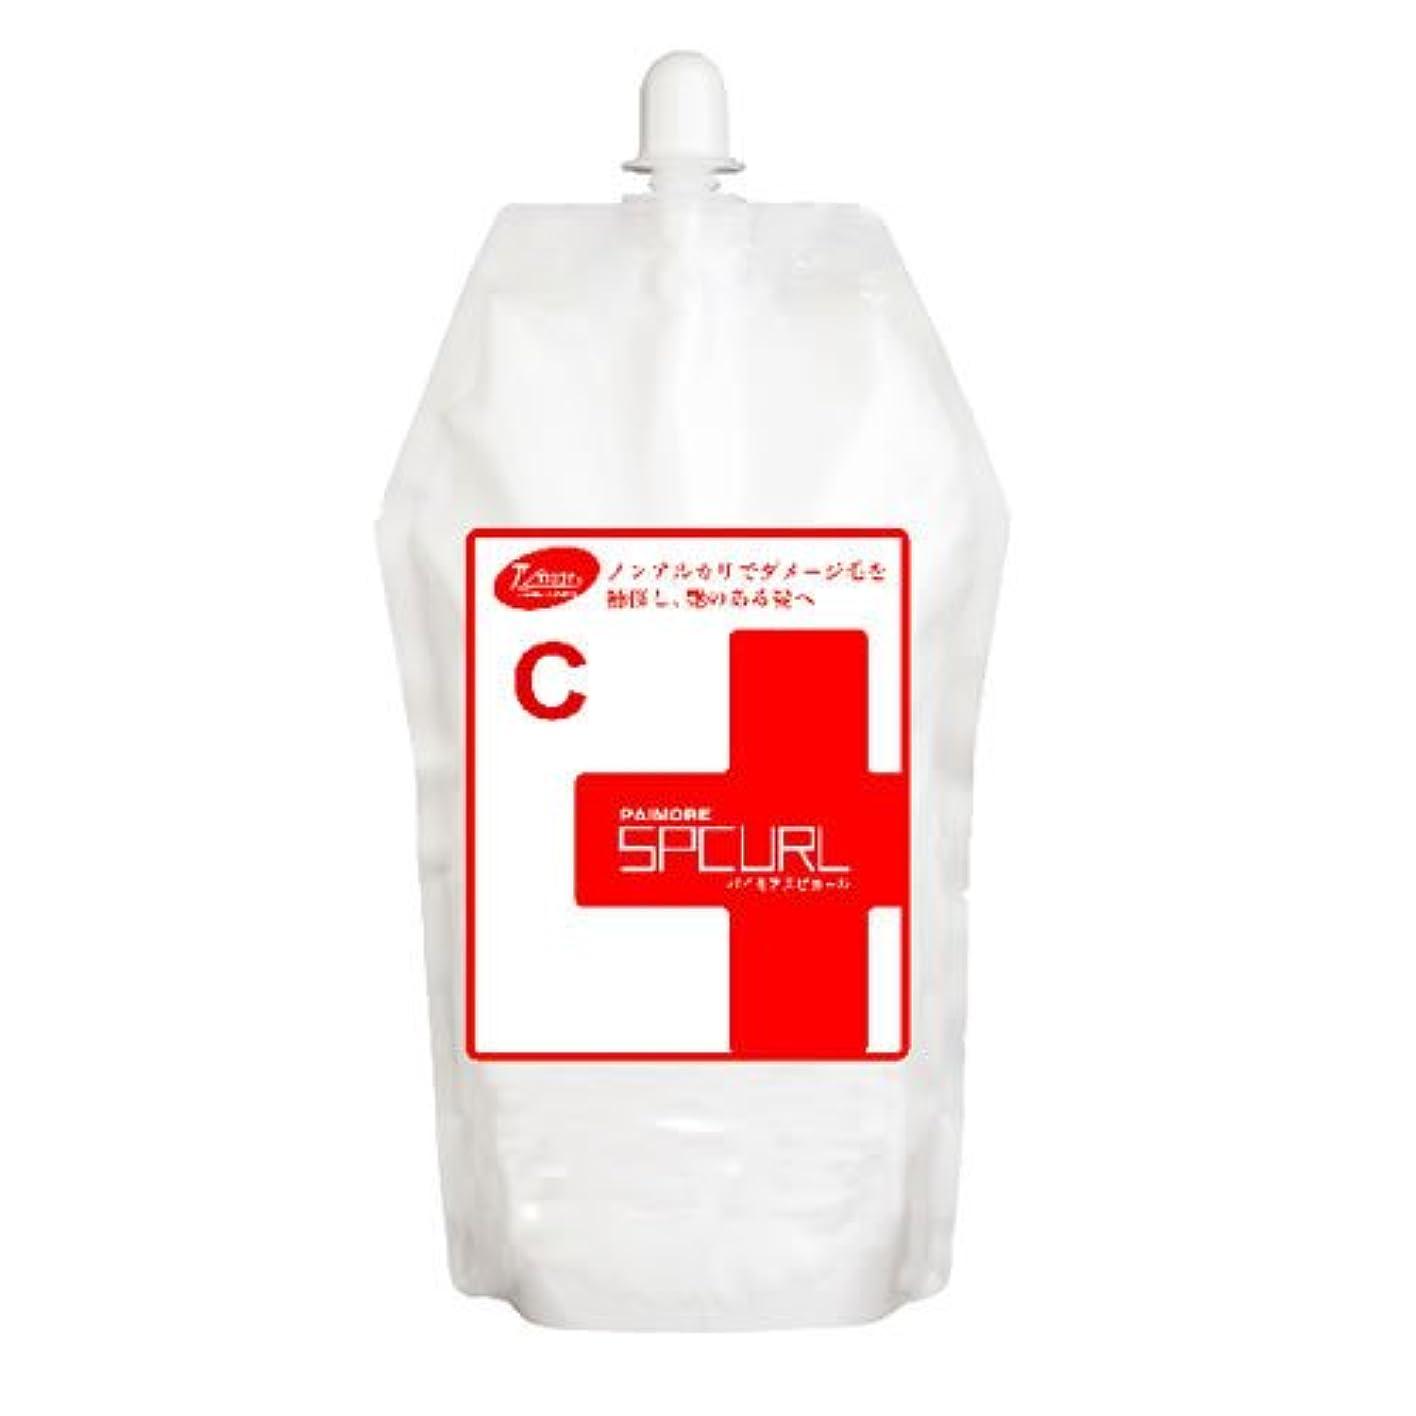 パイモア スピカール クリームトリートメント 1-C 1000g SPCURL